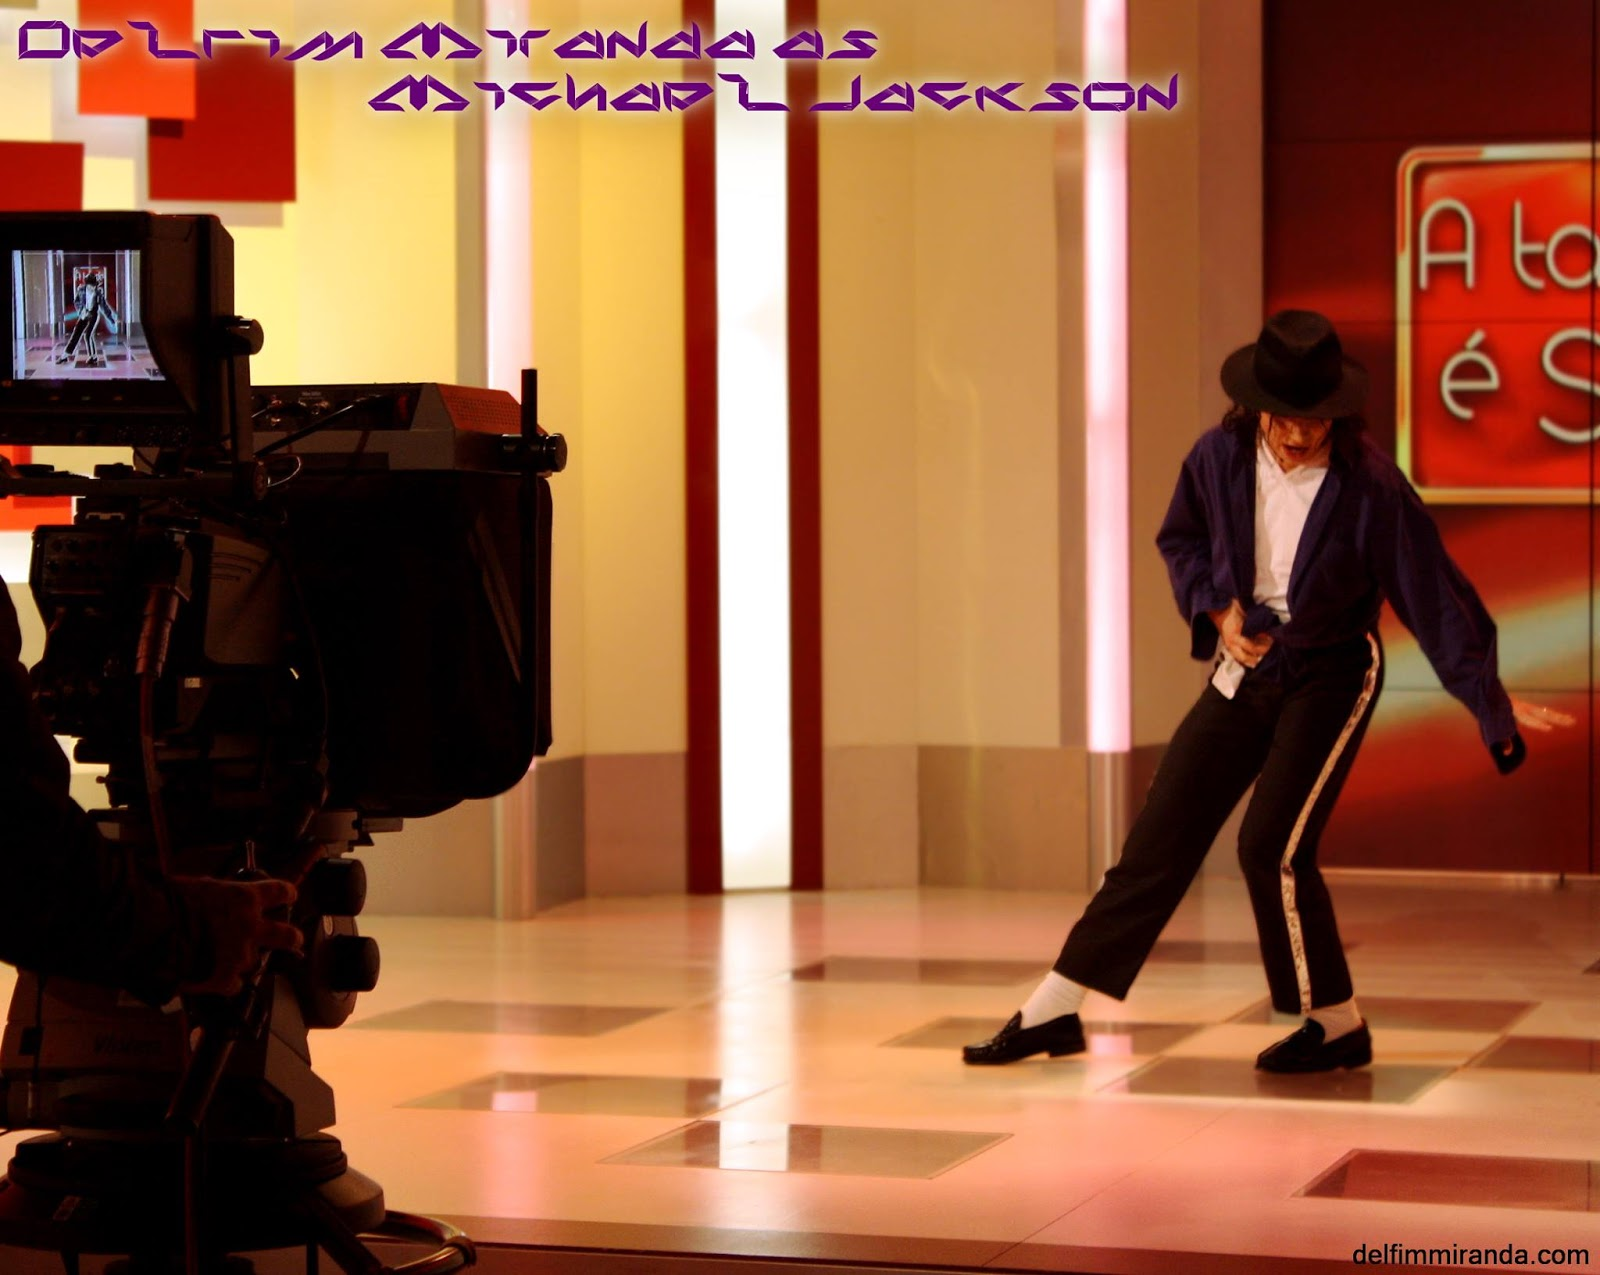 Delfim Miranda - Michael Jackson Tribute - TV live appearence - TVI - Portugal